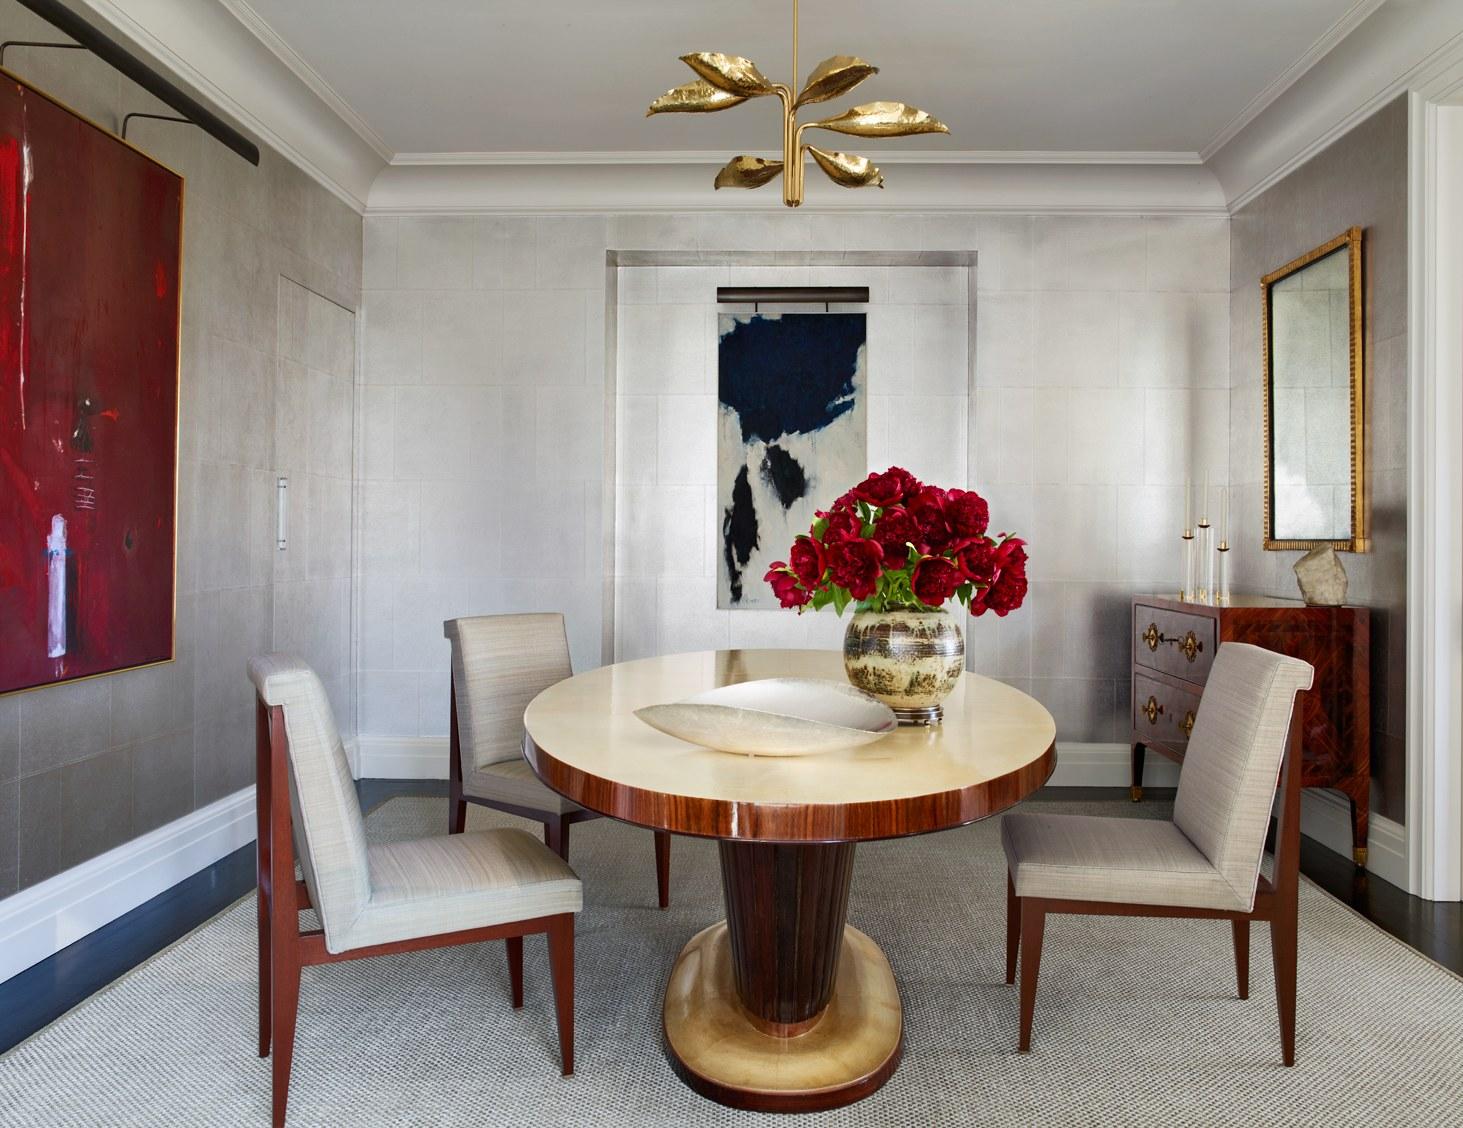 david-kleinberg-remodel-apartment-in-new-york-city David Kleinberg renews Manhattan Apartment – New Yorkdavid kleinberg remodel apartment in new york city